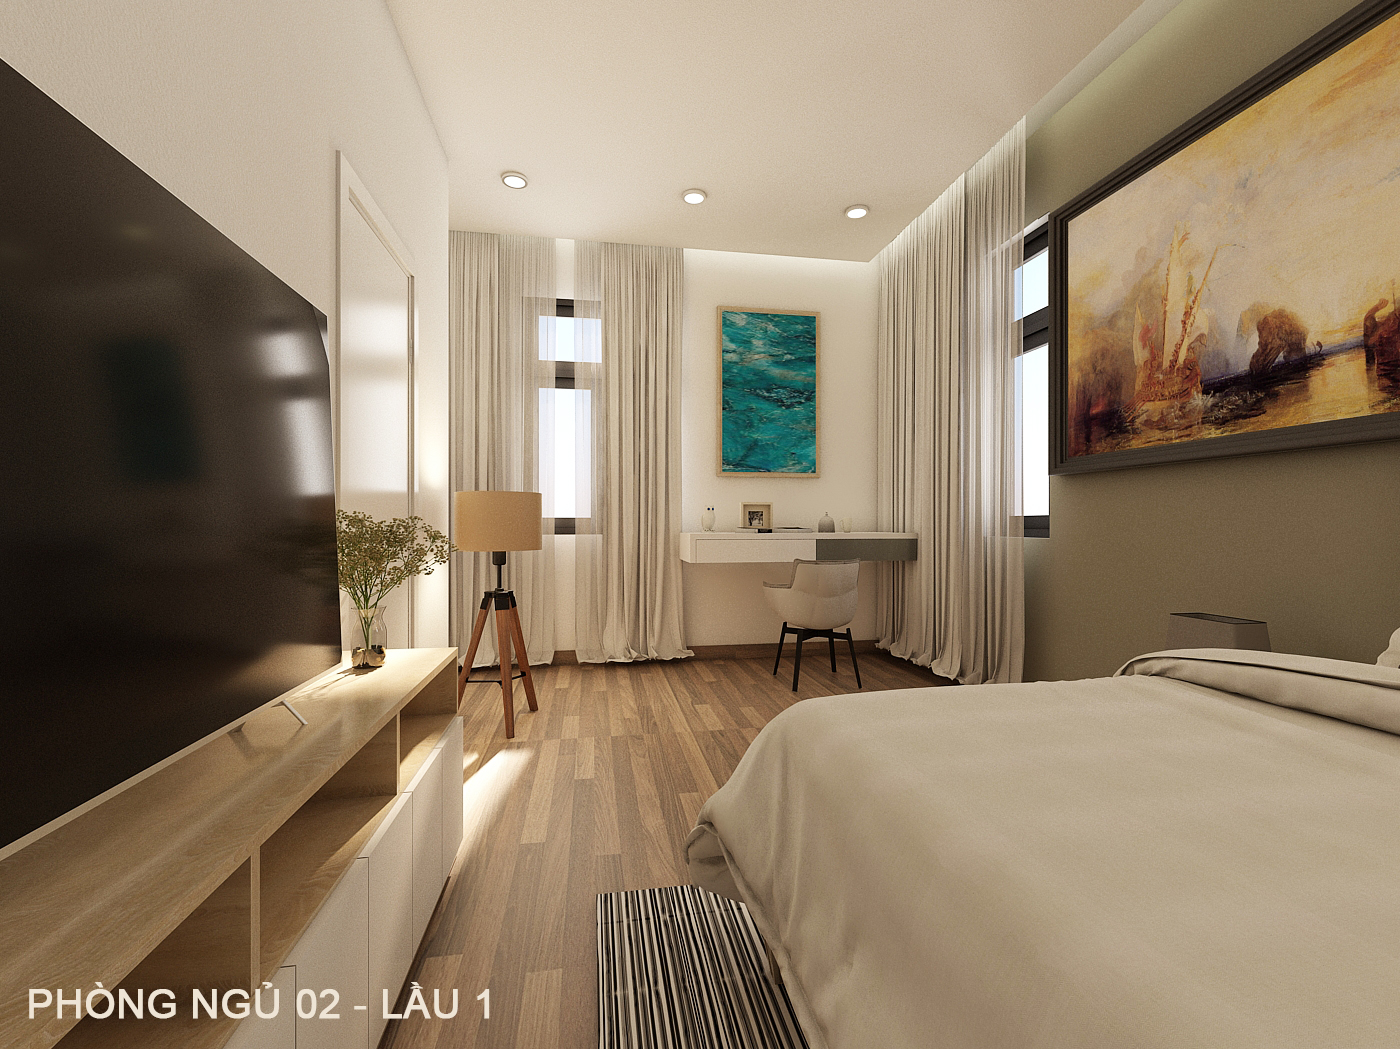 noi that hien dai biet thu 2 tang mini 3 [KHÔNG PHÁT SINH] xây nhà biệt thự 2 tầng ở Đồng Nai từ thiết kế đến hoàn công